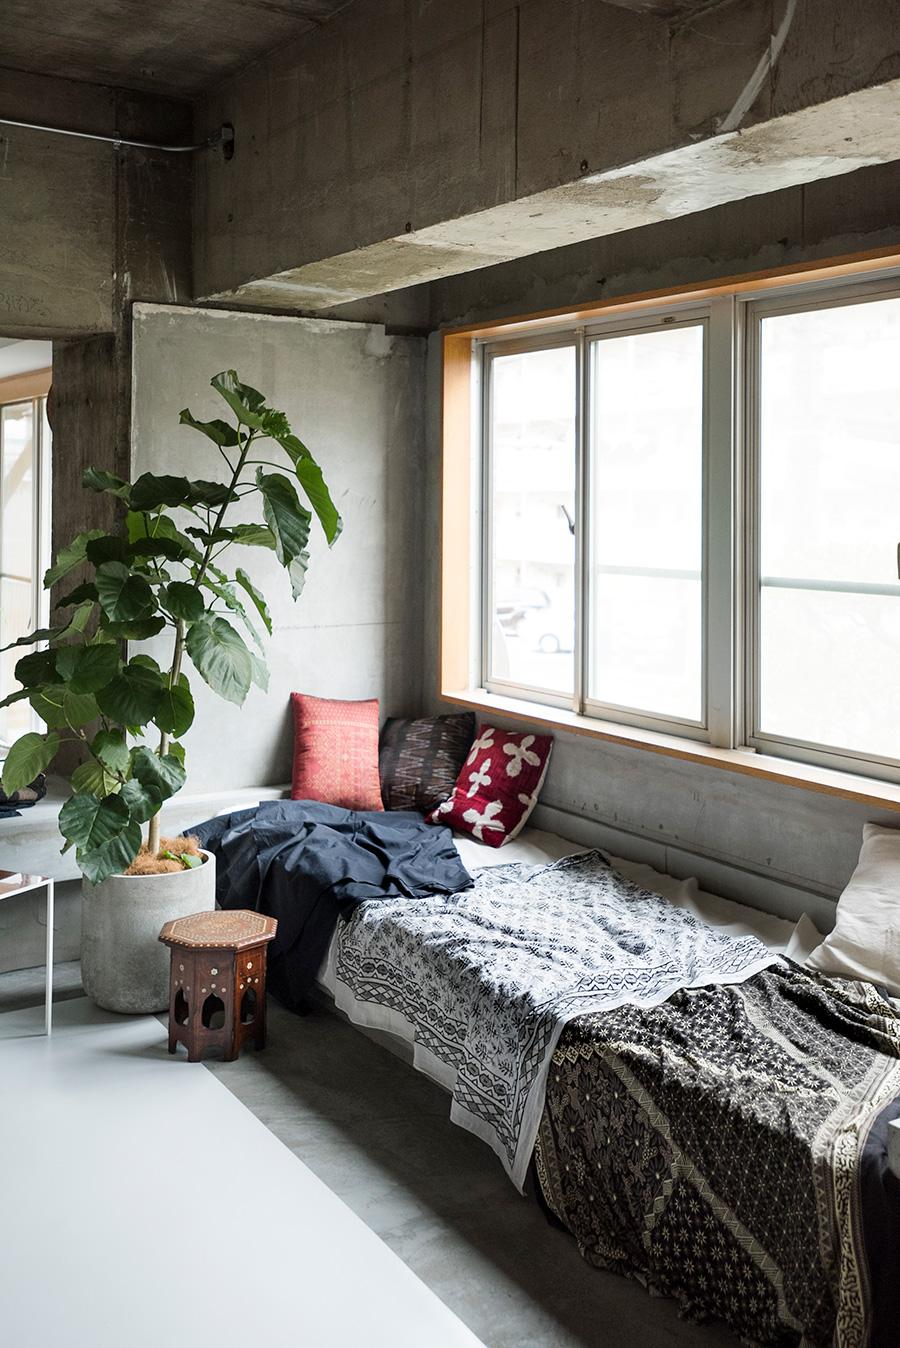 木の窓枠は元から付いていたもの。窓と相性のよい大きめのデイベッドを、木枠にモルタル左官で取り付けた。窓まわりは場所ごとに考え中。